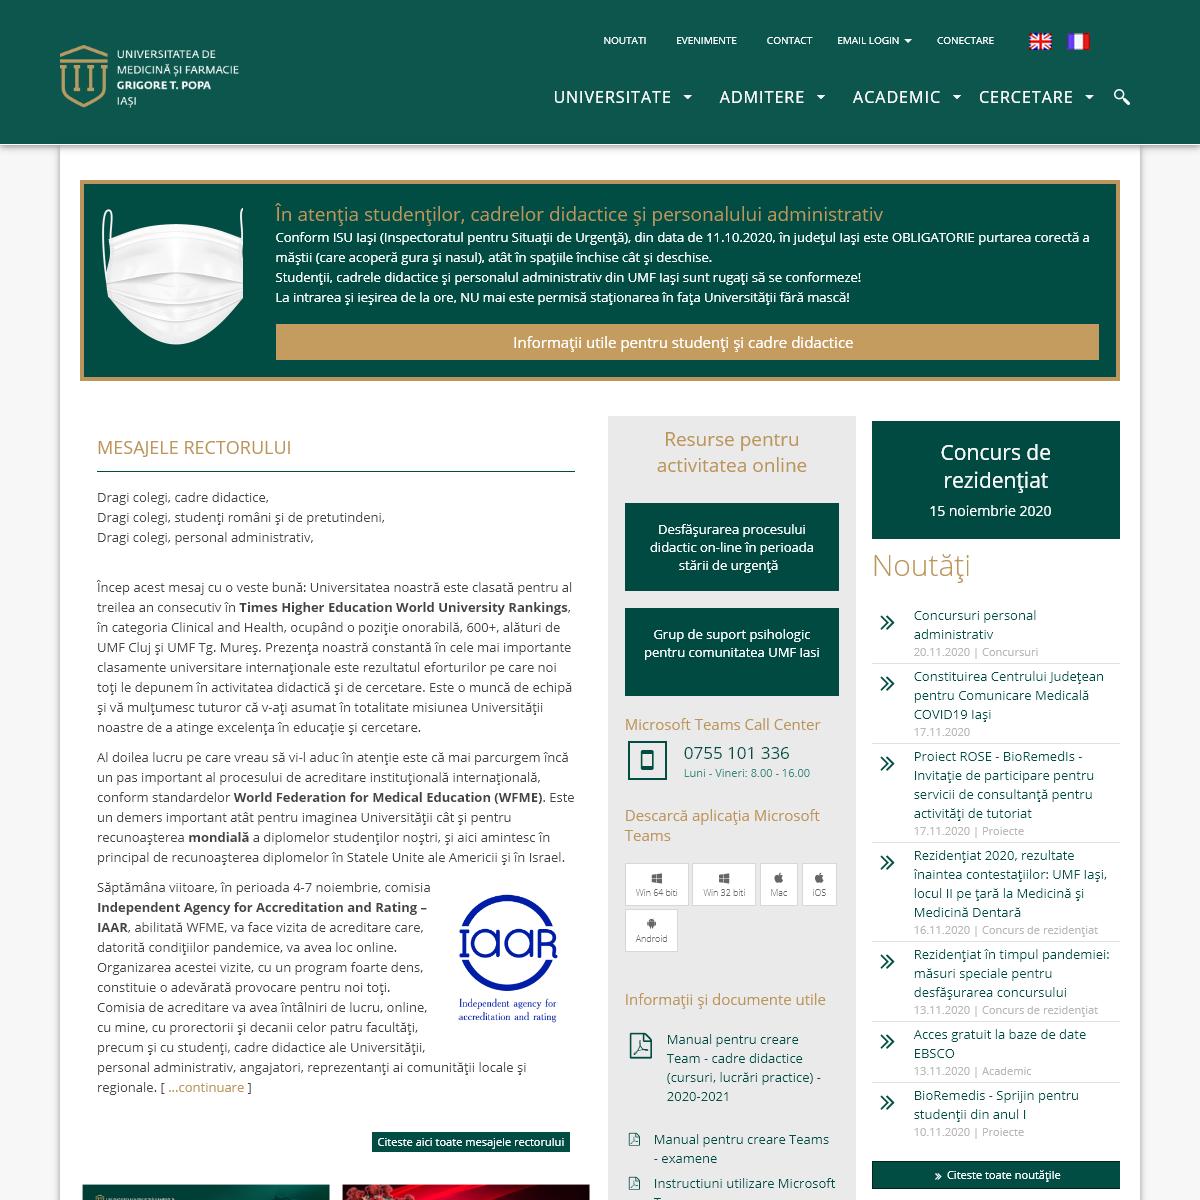 Universitatea de Medicină și Farmacie -Grigore T. Popa- Iași